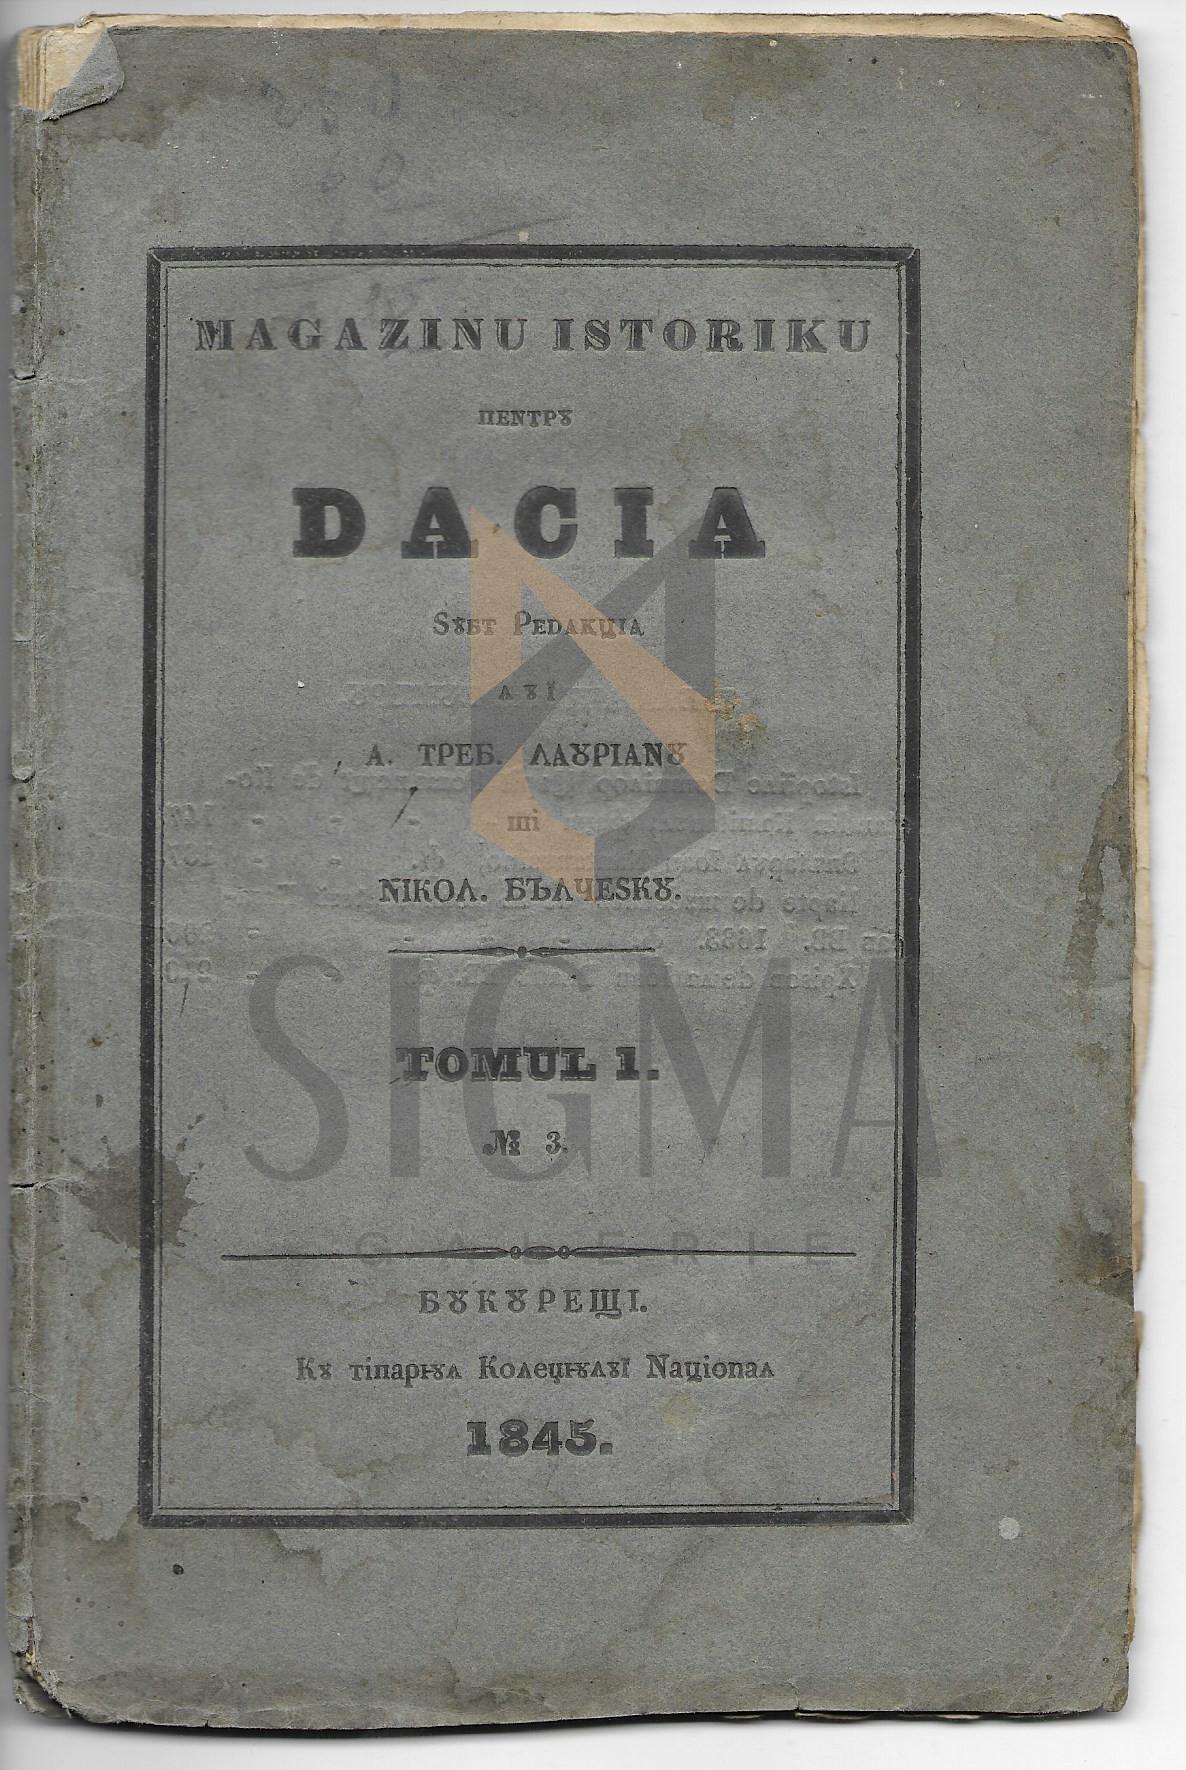 A. TREBONIU LAURIANU  SI NICOLAE BALCESCU